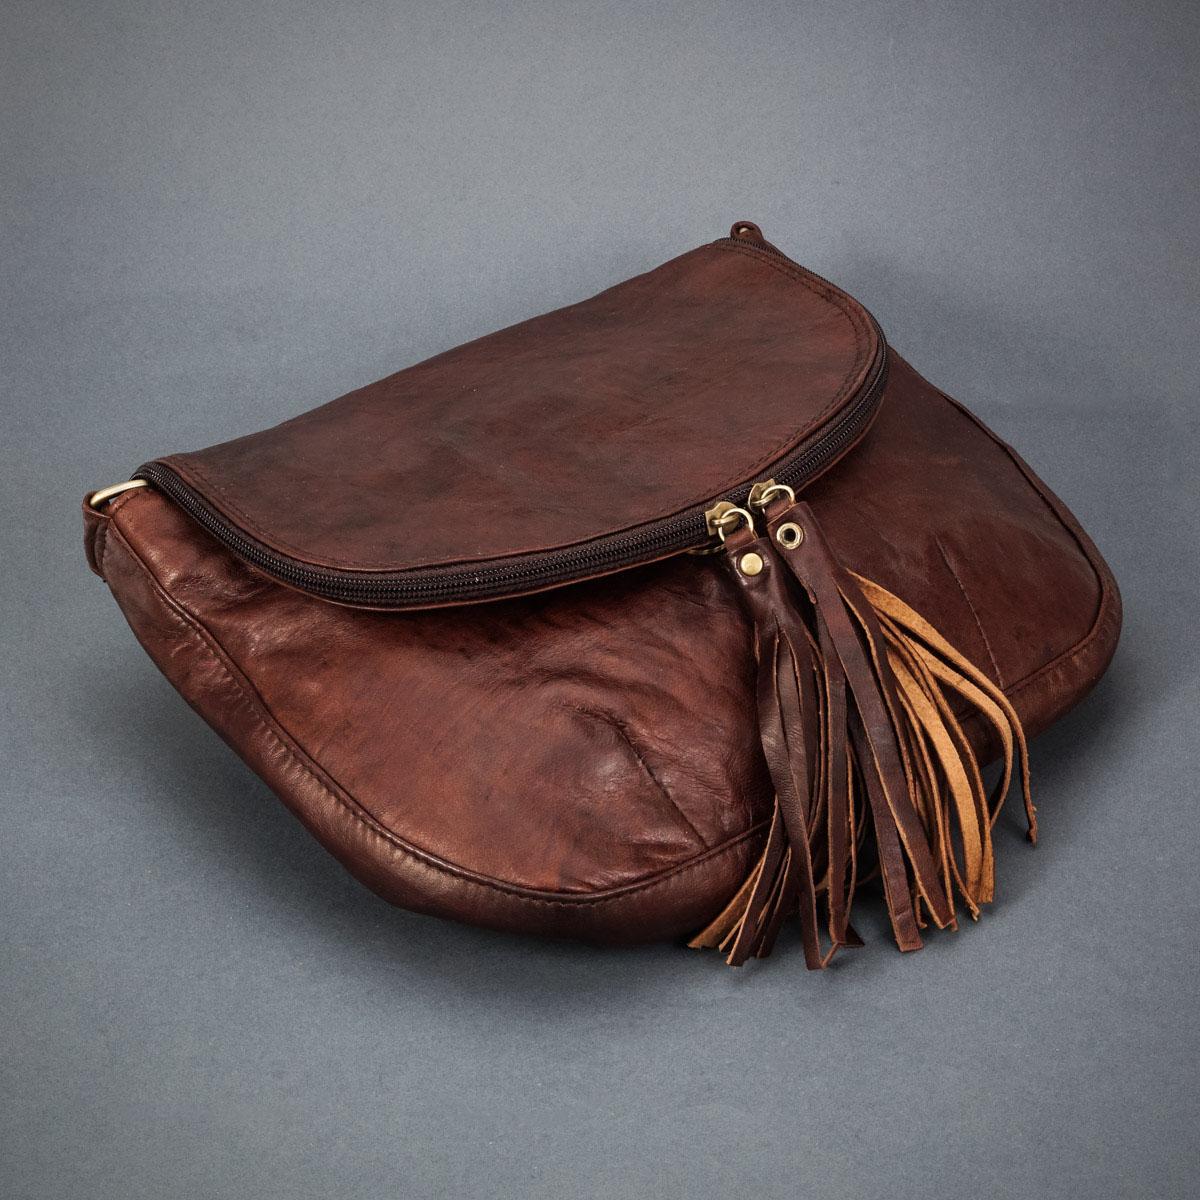 предметное фото женской сумочки из натуральной кожи